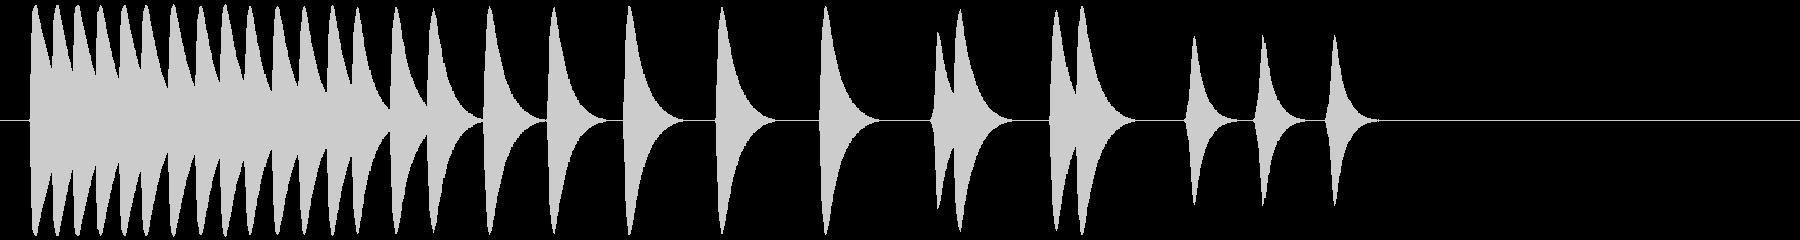 高速から低速、低音、複数回のスウィ...の未再生の波形